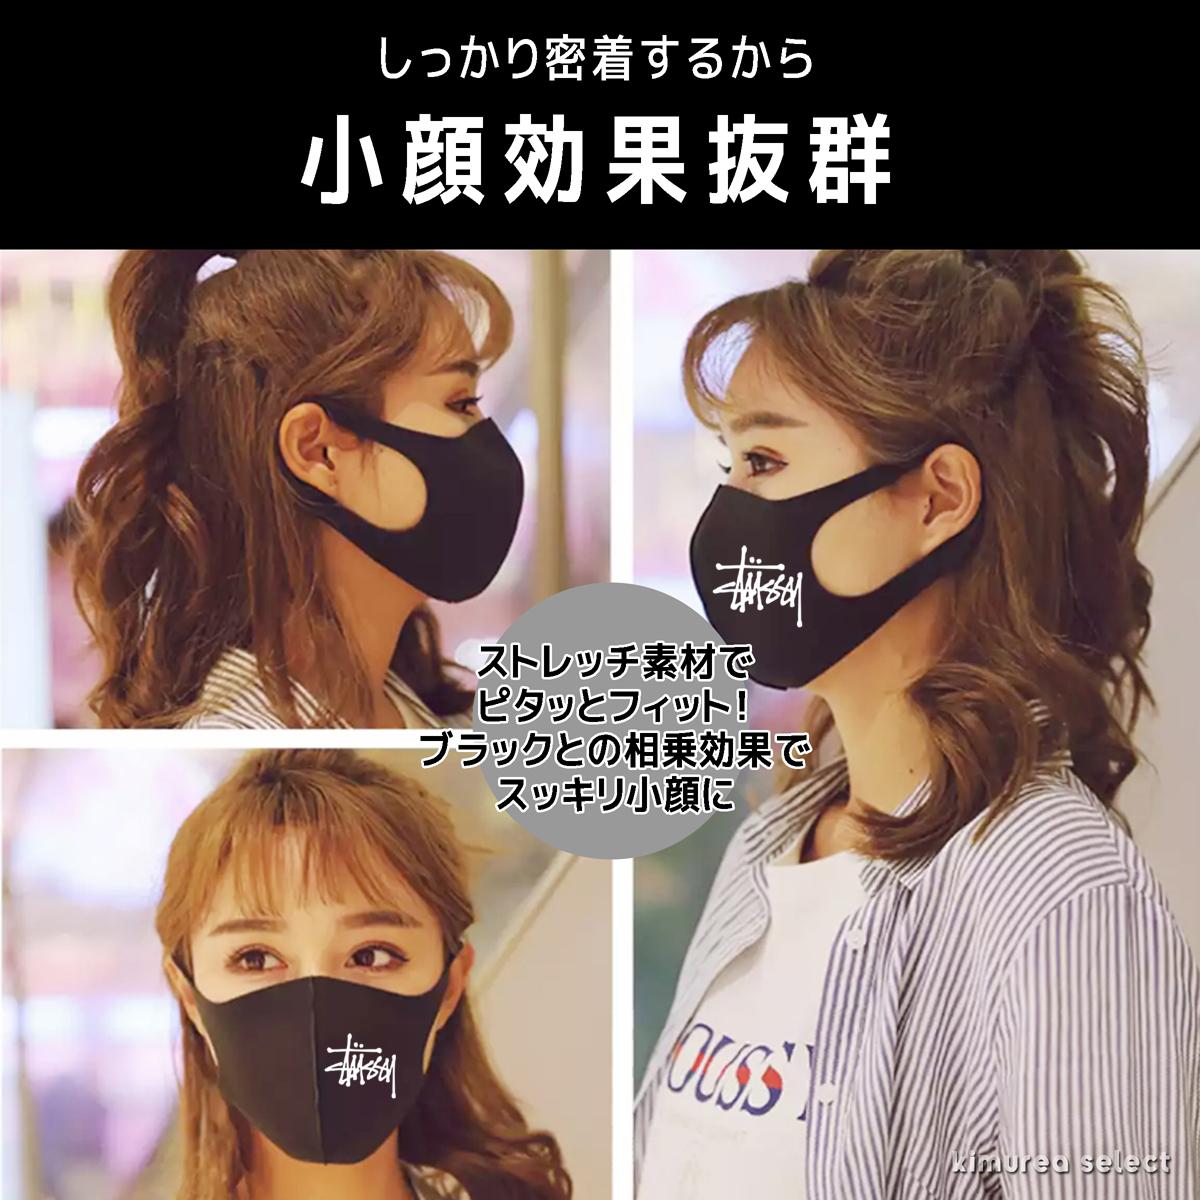 Stussy/ステューシー100%綿 マスク